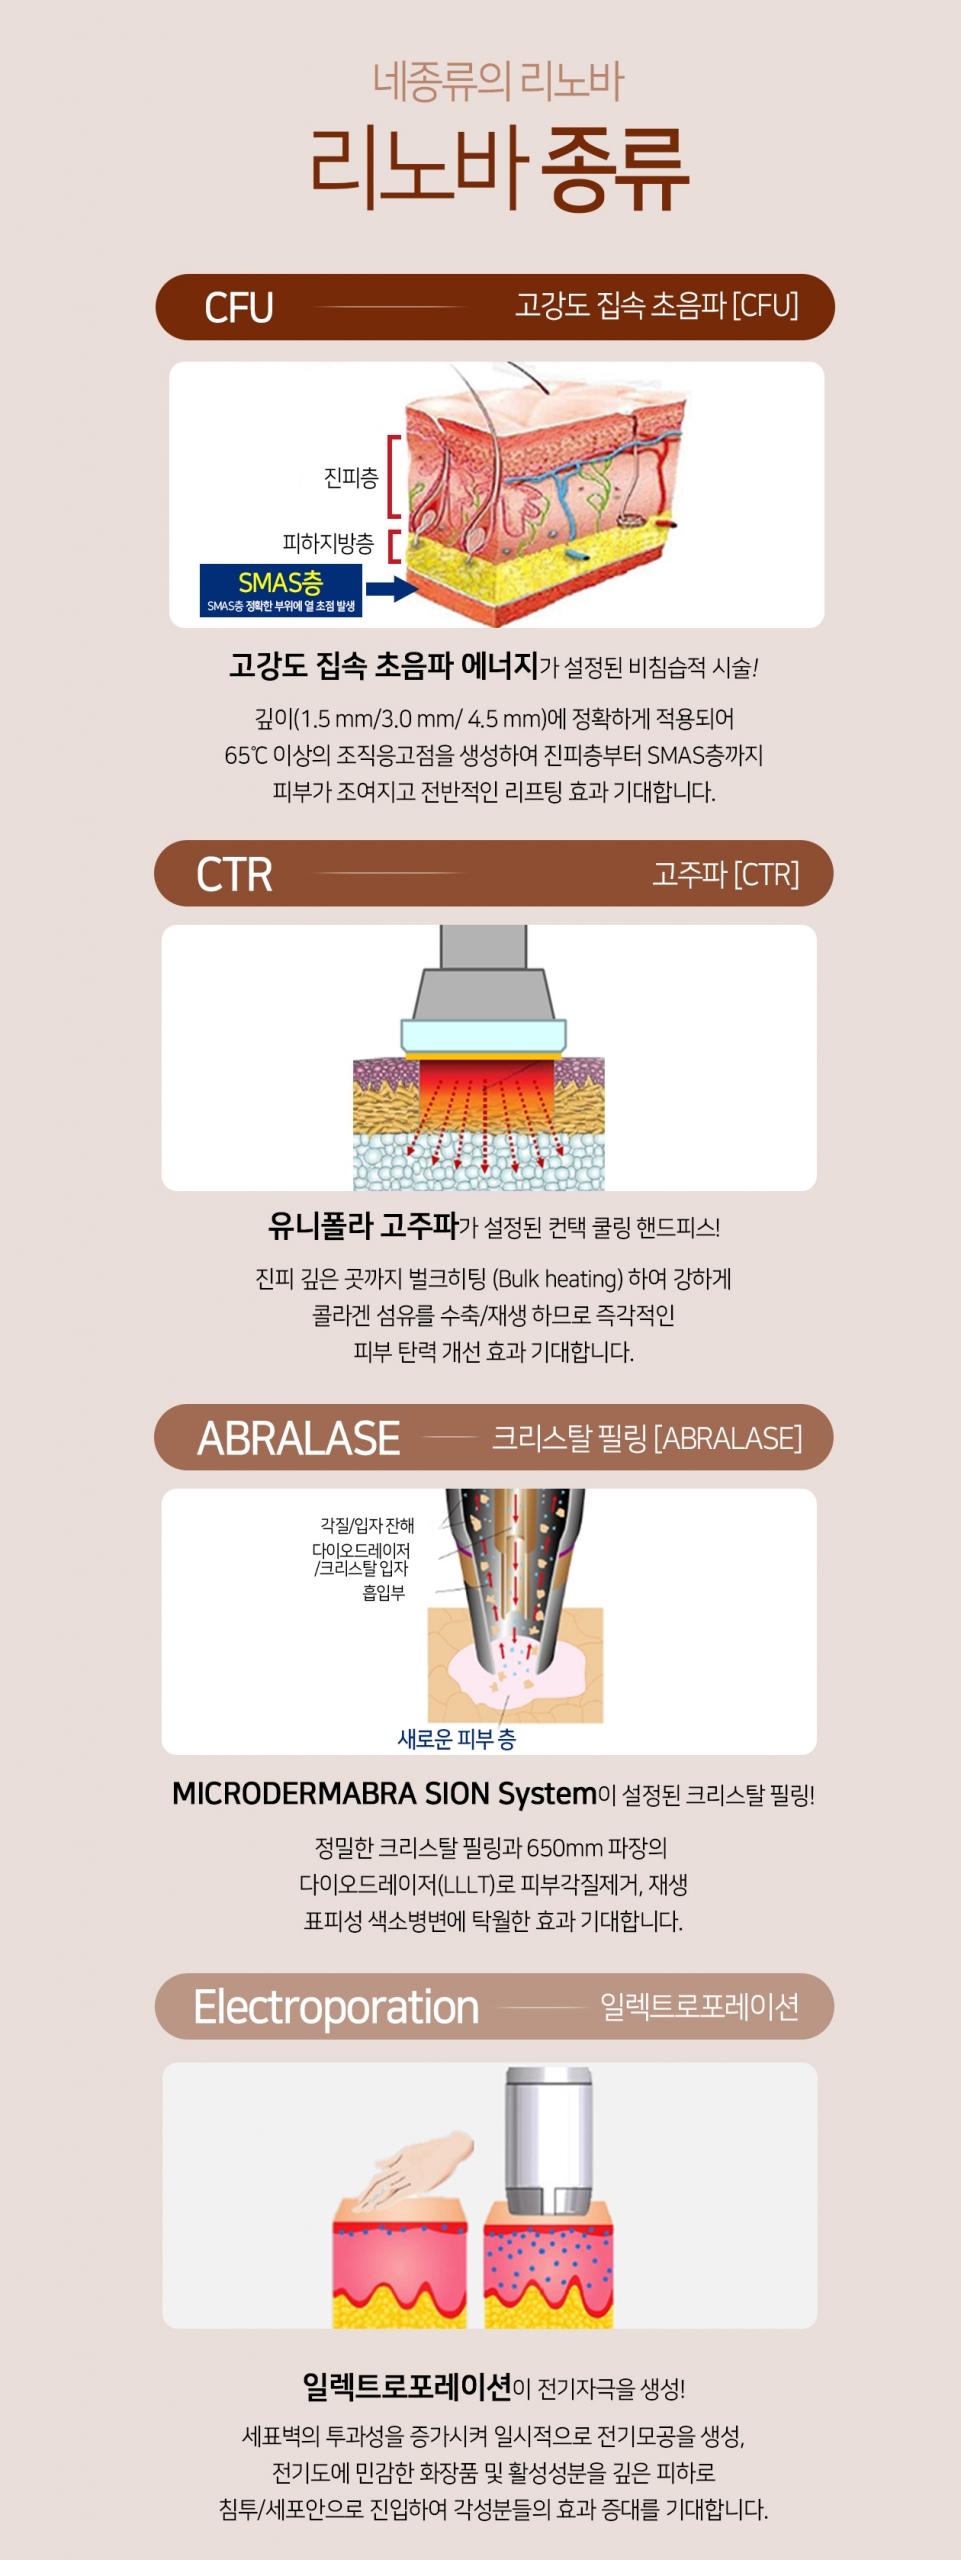 네종류의 리노바 리노바 종류 CFU 초강도 집속 초음파[CFU] 고강도 집속 초음파 에너지가 설정도니 비침습적 시술! 깊이(1.5 mm/3.0 mm/ 4.5 mm)에 정확하게 적용되어 65℃ 이상의 조직응고점을 생성하여 진피층부터 SMAS층까지 피부가 조여지고 전반적인 리프팅 효과 기대합니다. CTR 고주파[CTR] 유니폴라 고주파가 설정된 컨텍 쿨링 핸드피스! 진피 깊은 곳까지 벌크히팅 (Bulk heating) 하여 강하게 콜라겐 섬유를 수축/재생 하므로 즉각적인 피부 탄력 개선 효과 기대합니다. ABRALASE 크리스탈 필링 MICRODERMABRA SION SYSTEM이 설정된 크리스탈 필링! 정밀한 크리스탈 필링과 650mm 파장의 다이오드레이저(LLLT)로 피부각질제거, 재생 표피성 색소병변에 탁월한 효과 기대합니다. ELECTROPORATION 일렉트로포레이션 일렉트로포레이션이 전기자극을 생성! 세표벽의 투과성을 증가시켜 일시적으로 전기모공을 생성, 전기도에 민감한 화장품 및 활성성분을 깊은 피하로 침투/세포안으로 진입하여 각성분들의 효과 증대를 기대합니다.